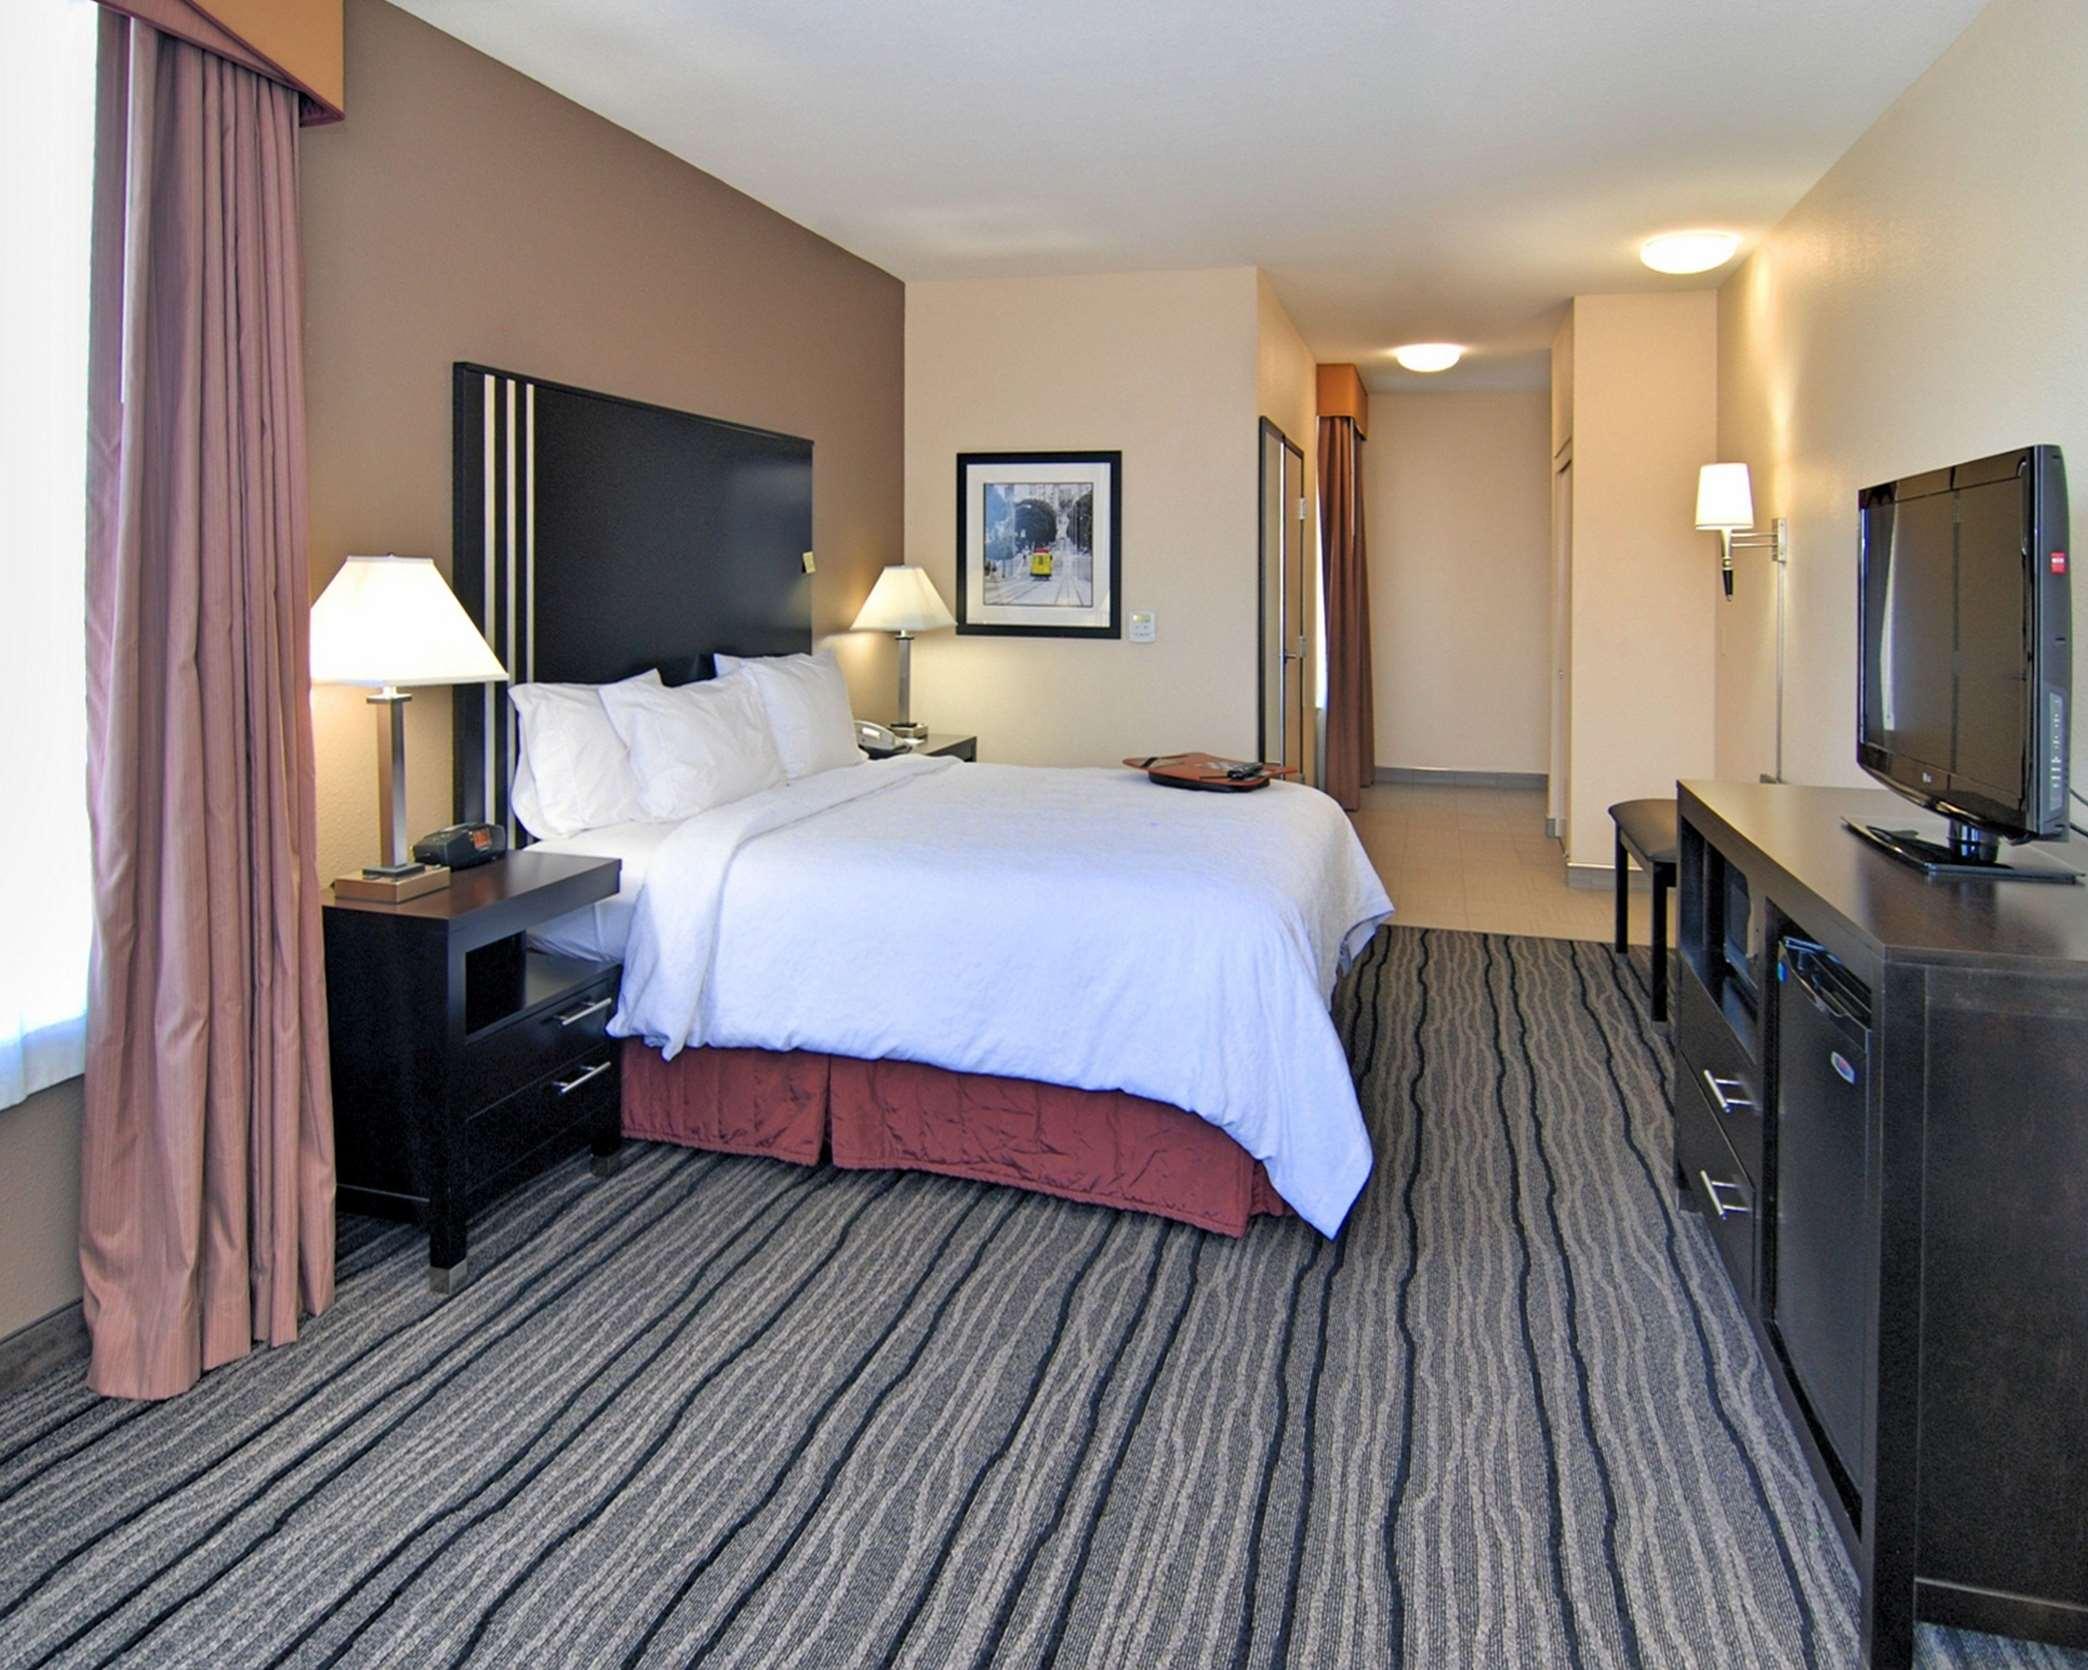 Hampton Inn & Suites Mountain View image 13